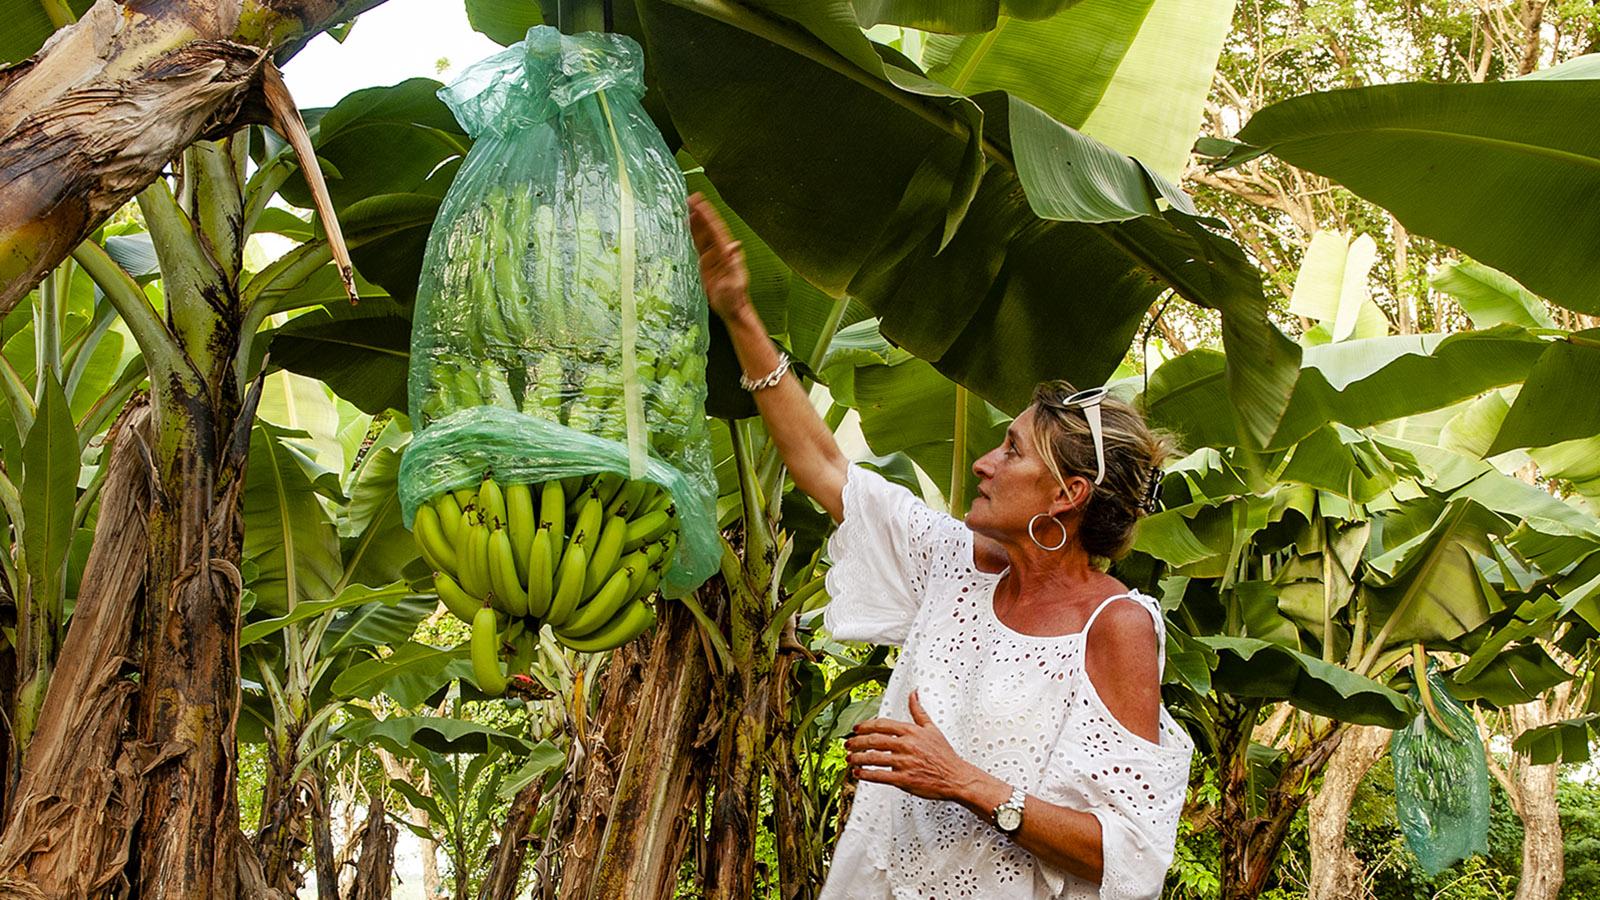 Warum im Plastiksack? So reifen Bananen schneller - und sind vor Parasiten geschützt, sagt Veronika Kuster Kudrna. Foto: Hilke Maunder